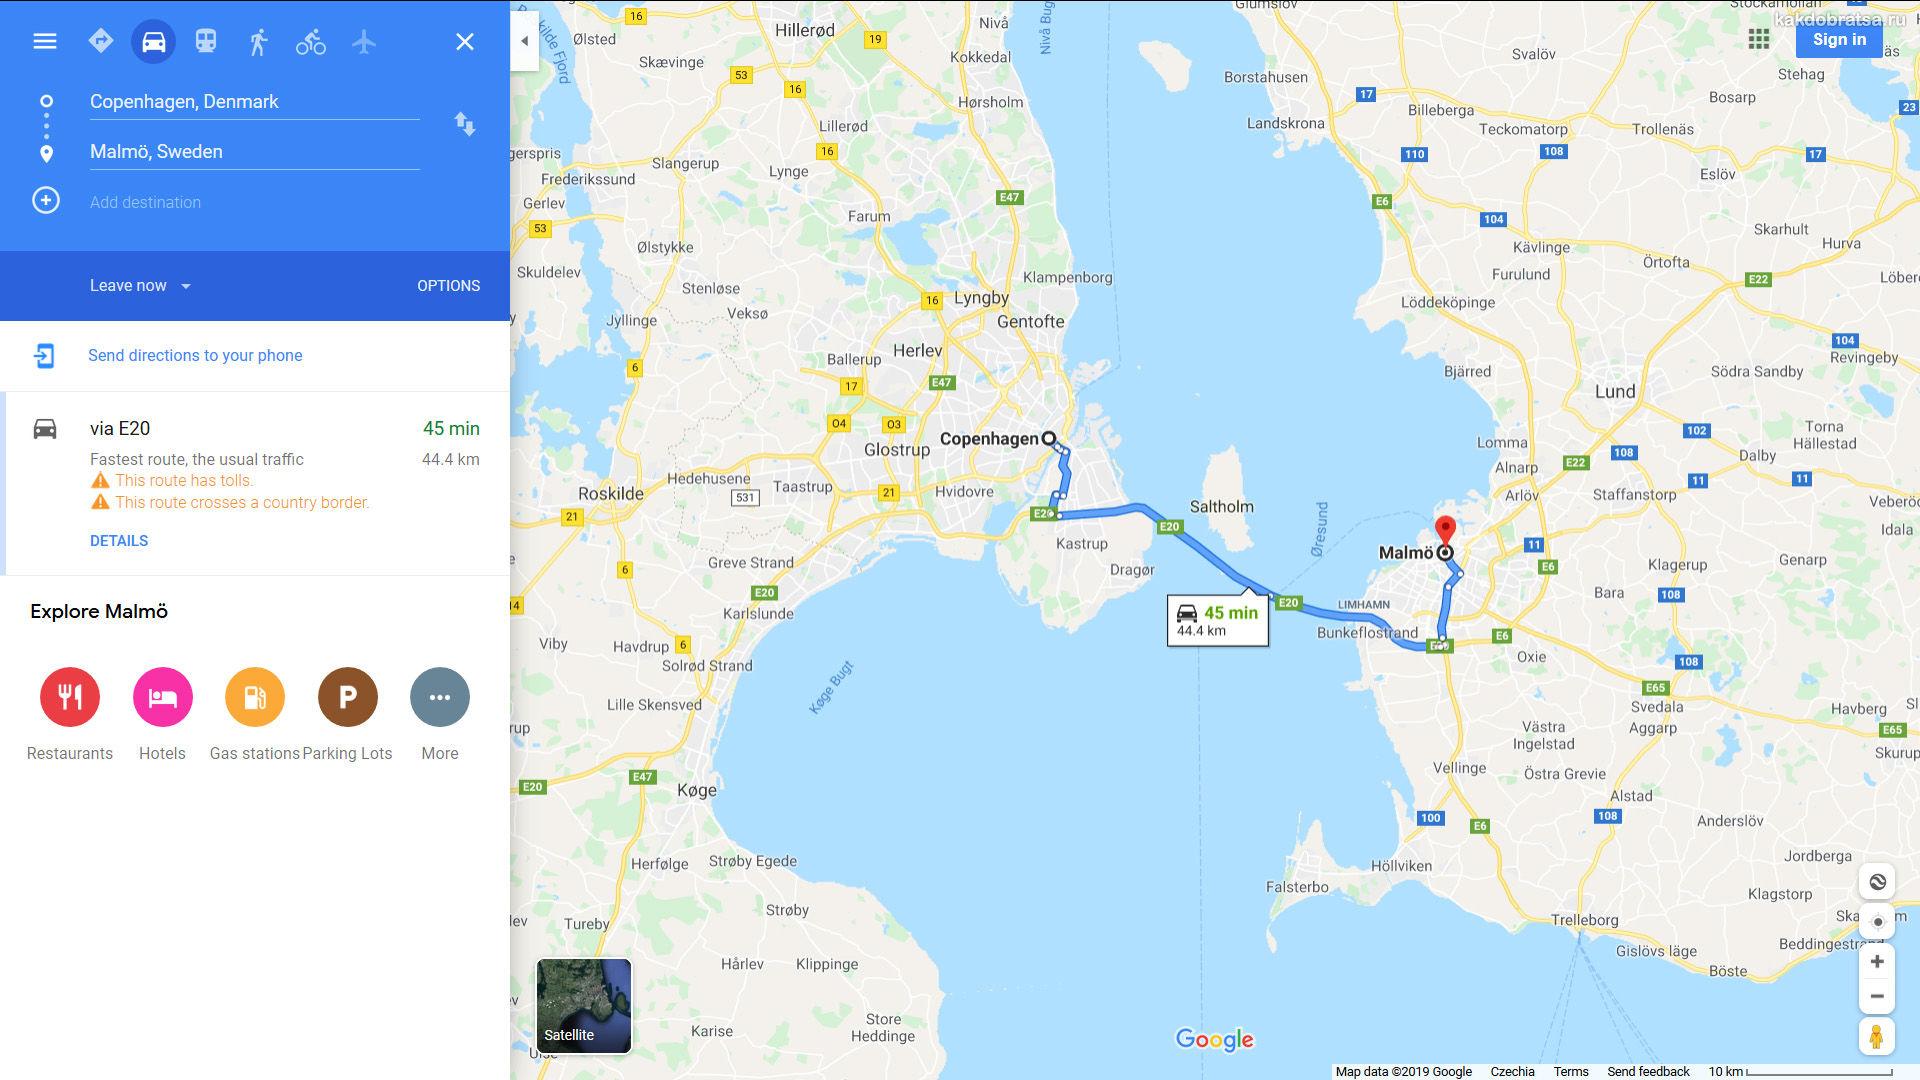 Из Копенгагена в Мальме расстояние и время в пути